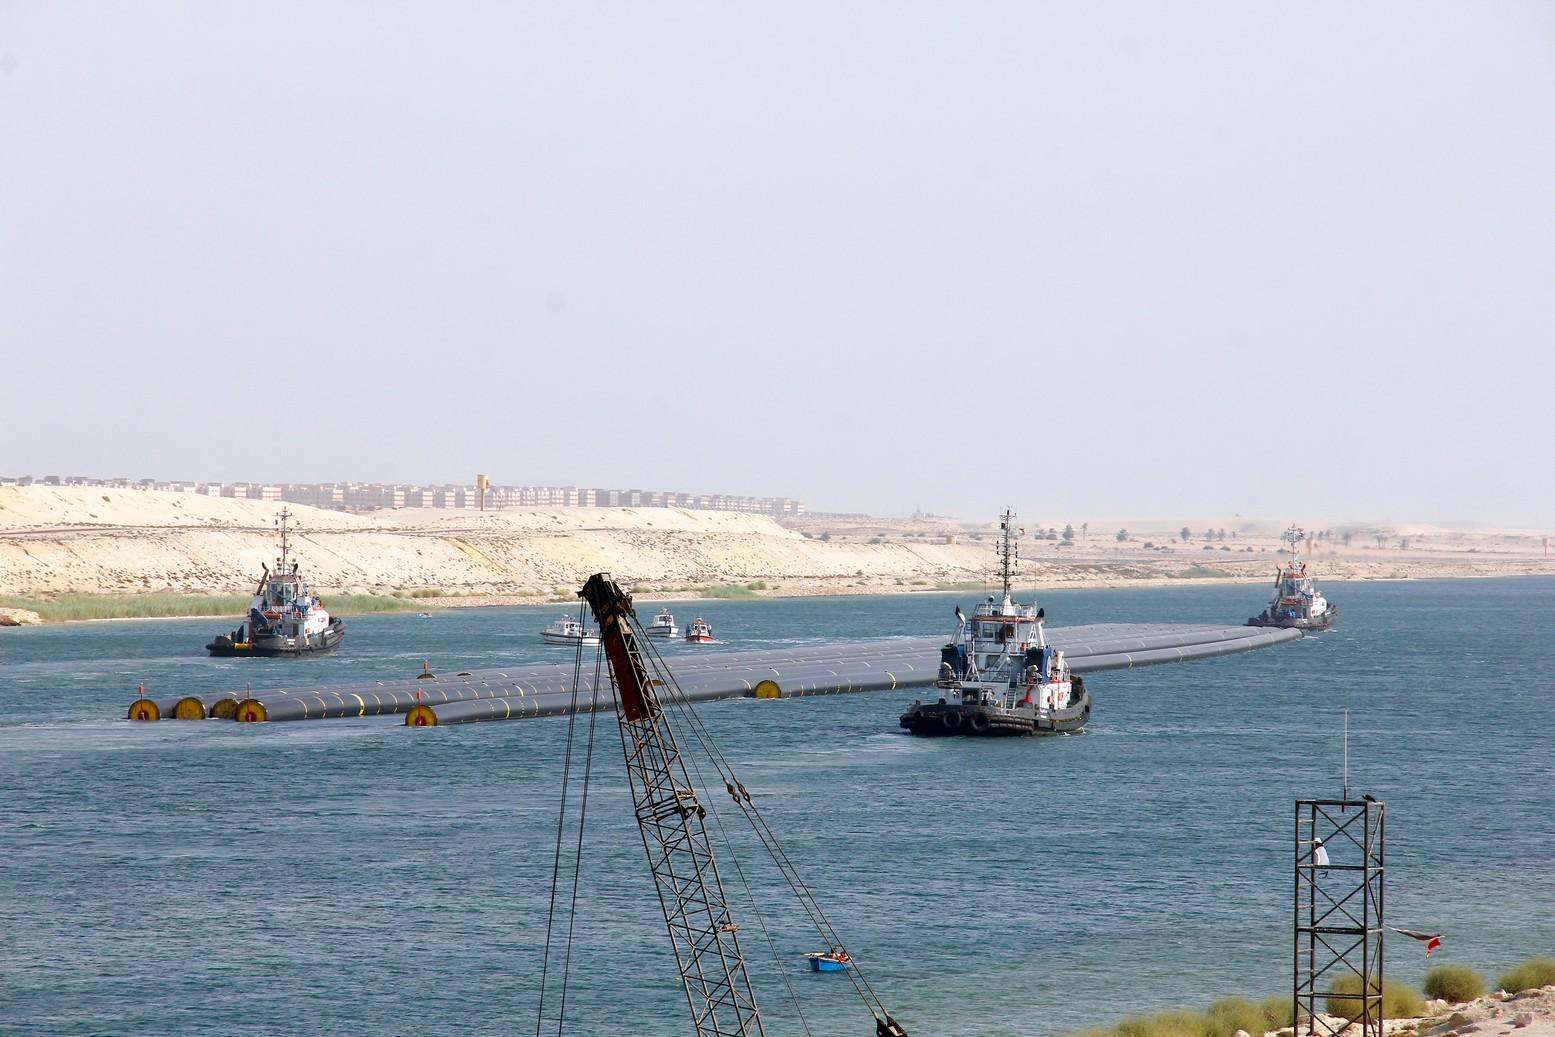 نجاح أول عملية عبور لـ12 ماسورة عملاقة عبر قناة السويس الجديدة